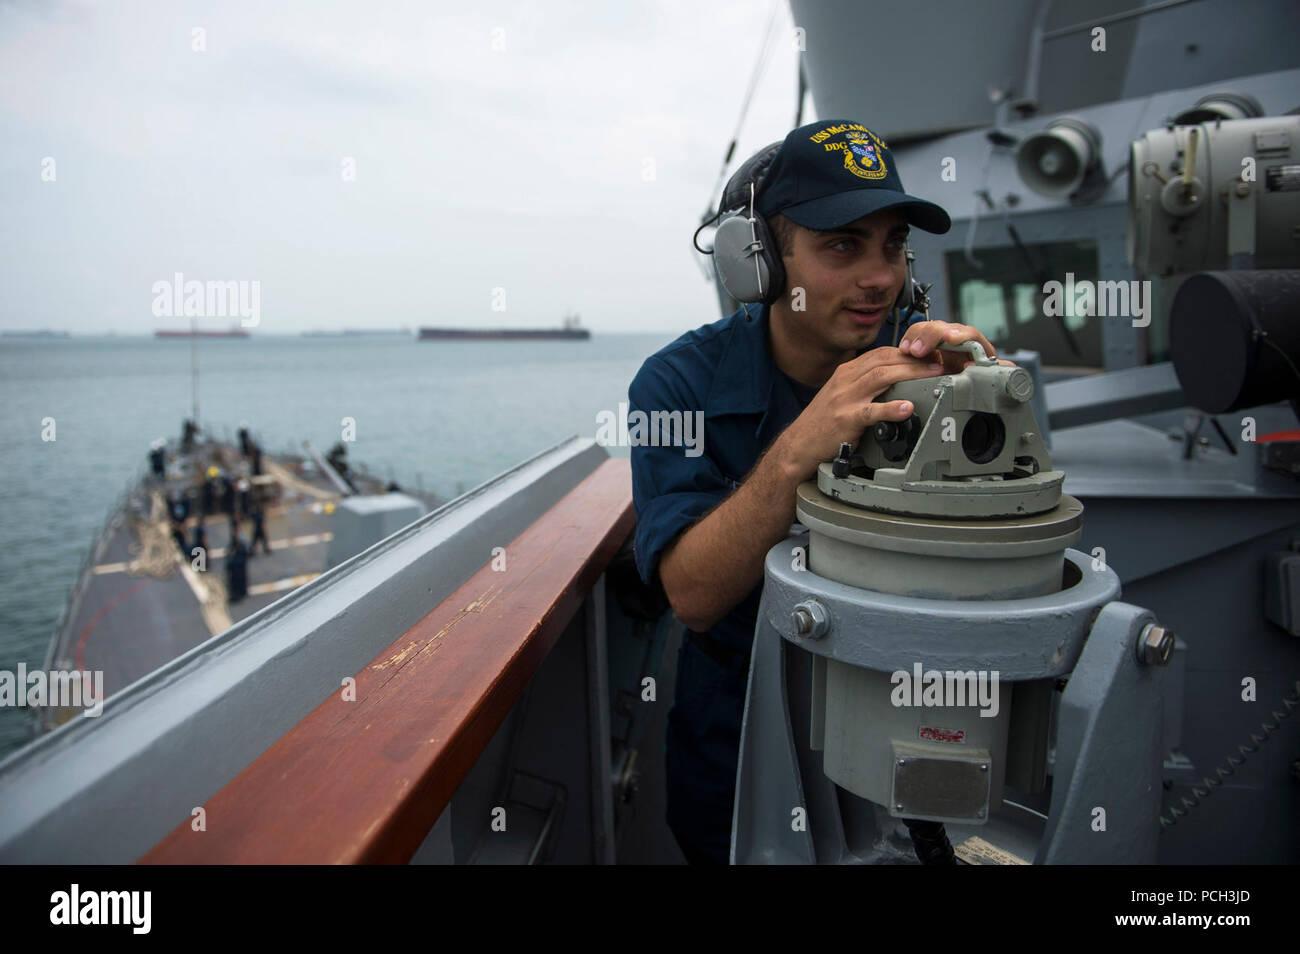 Estrecho de Malaca (Oct. 29, 2013) Intendente Marinero Ryan Defillipo toma un rodamiento de contacto como la clase Arleigh Burke de misiles guiados destructor USS McCampbell (DDG 85) entra en el Estrecho de Malaca. Es McCampbell de patrulla en la zona de EE.UU. 7ª Flota de responsabilidad en apoyo de la seguridad y la estabilidad en la región del Pacífico Indo-Asia. Foto de stock